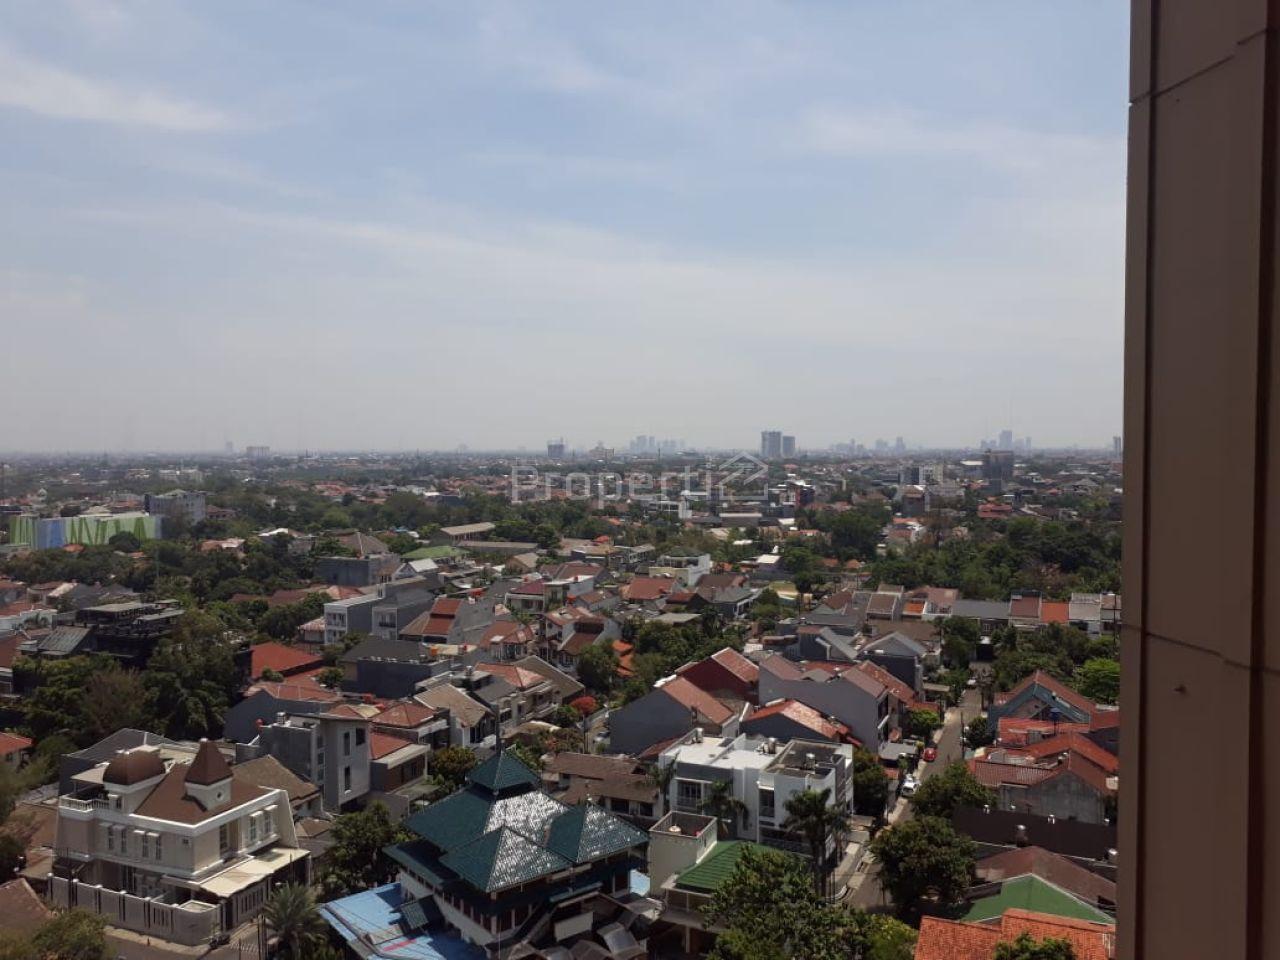 Unit 2BR Tower Maya Pondok Indah Residences, Lantai 11, DKI Jakarta